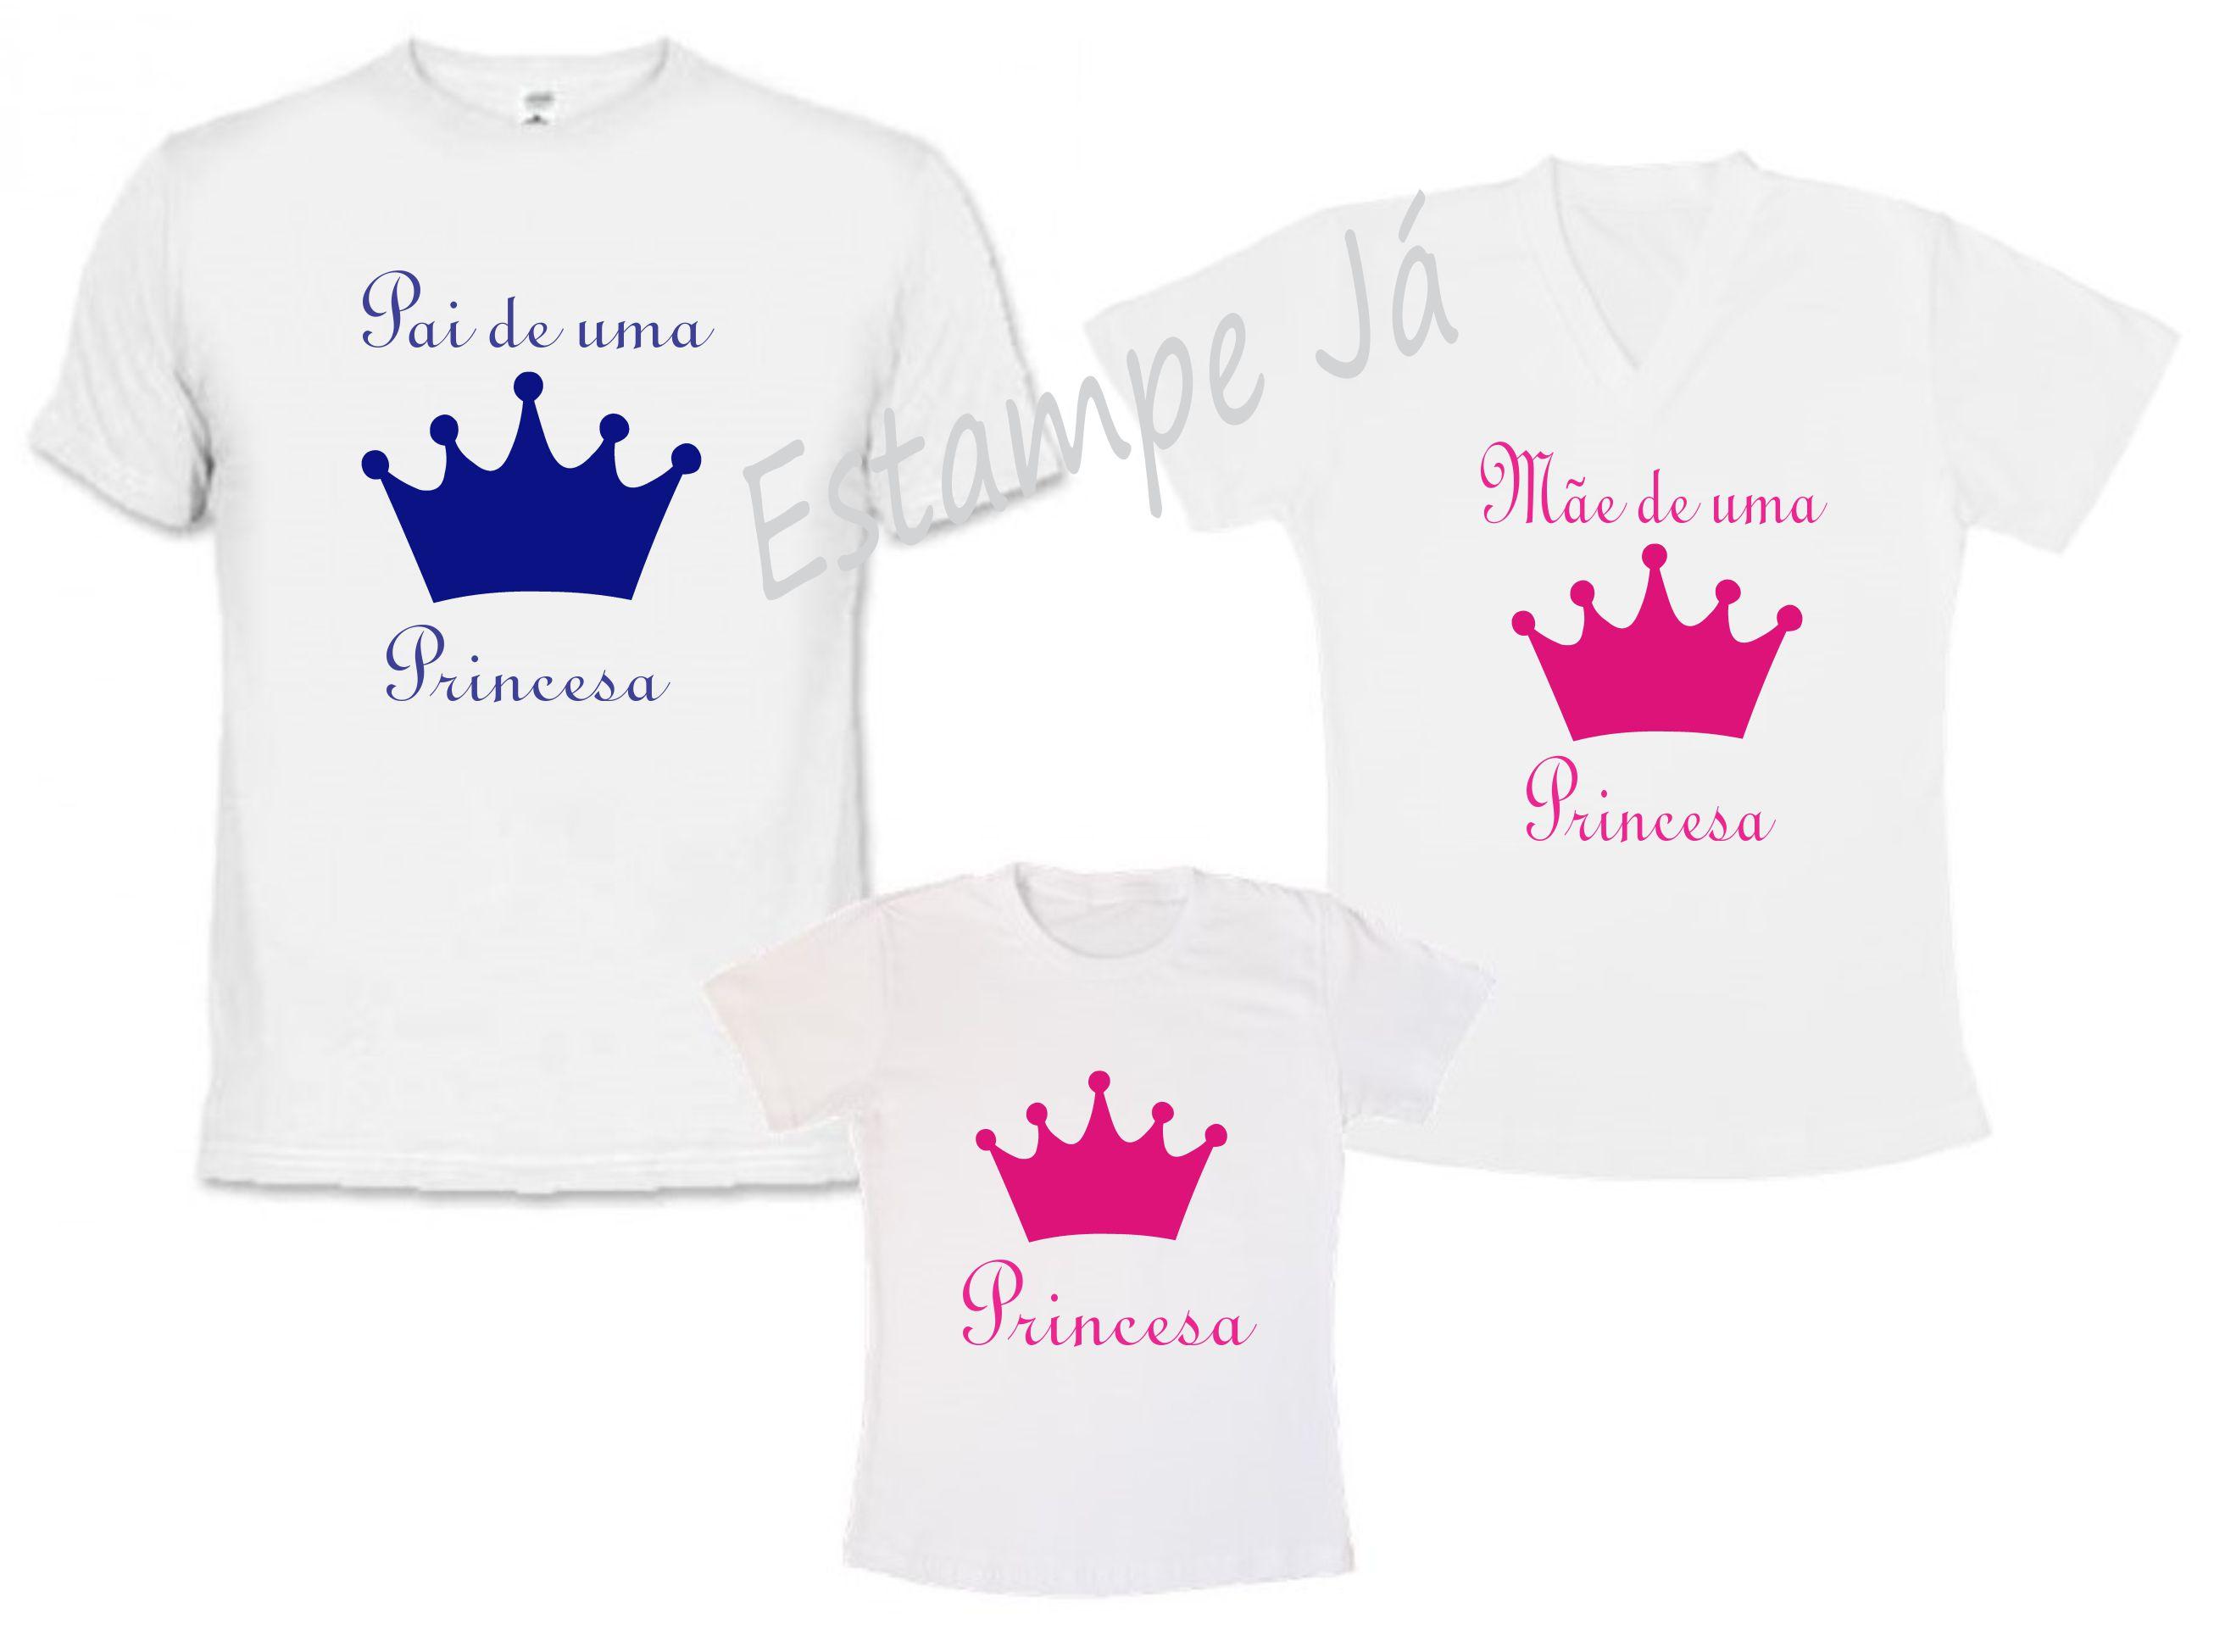 50175c0ca Camisetas Personalizadas de Príncipe Camiseta de Princesa no Elo7 ...